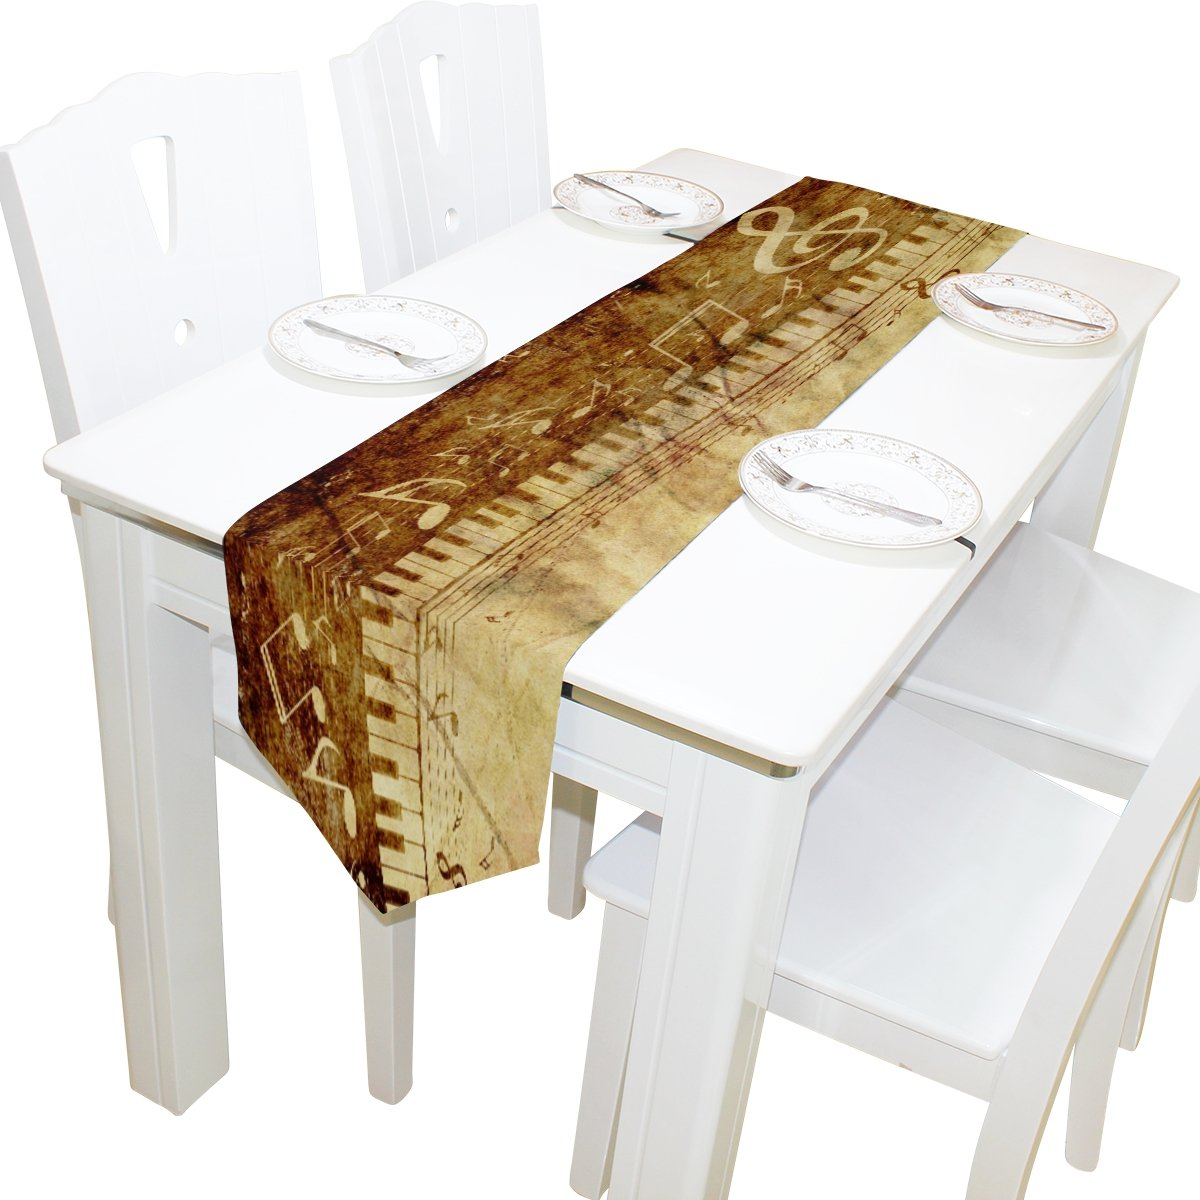 yochoiceテーブルランナーホーム装飾、ヴィンテージGunge音楽ピアノNOTEテーブルクロスランナーコーヒーマットforウェディングパーティー宴会装飾13 x 70インチ 13x70 ホワイト 13x70  B07514D9PW